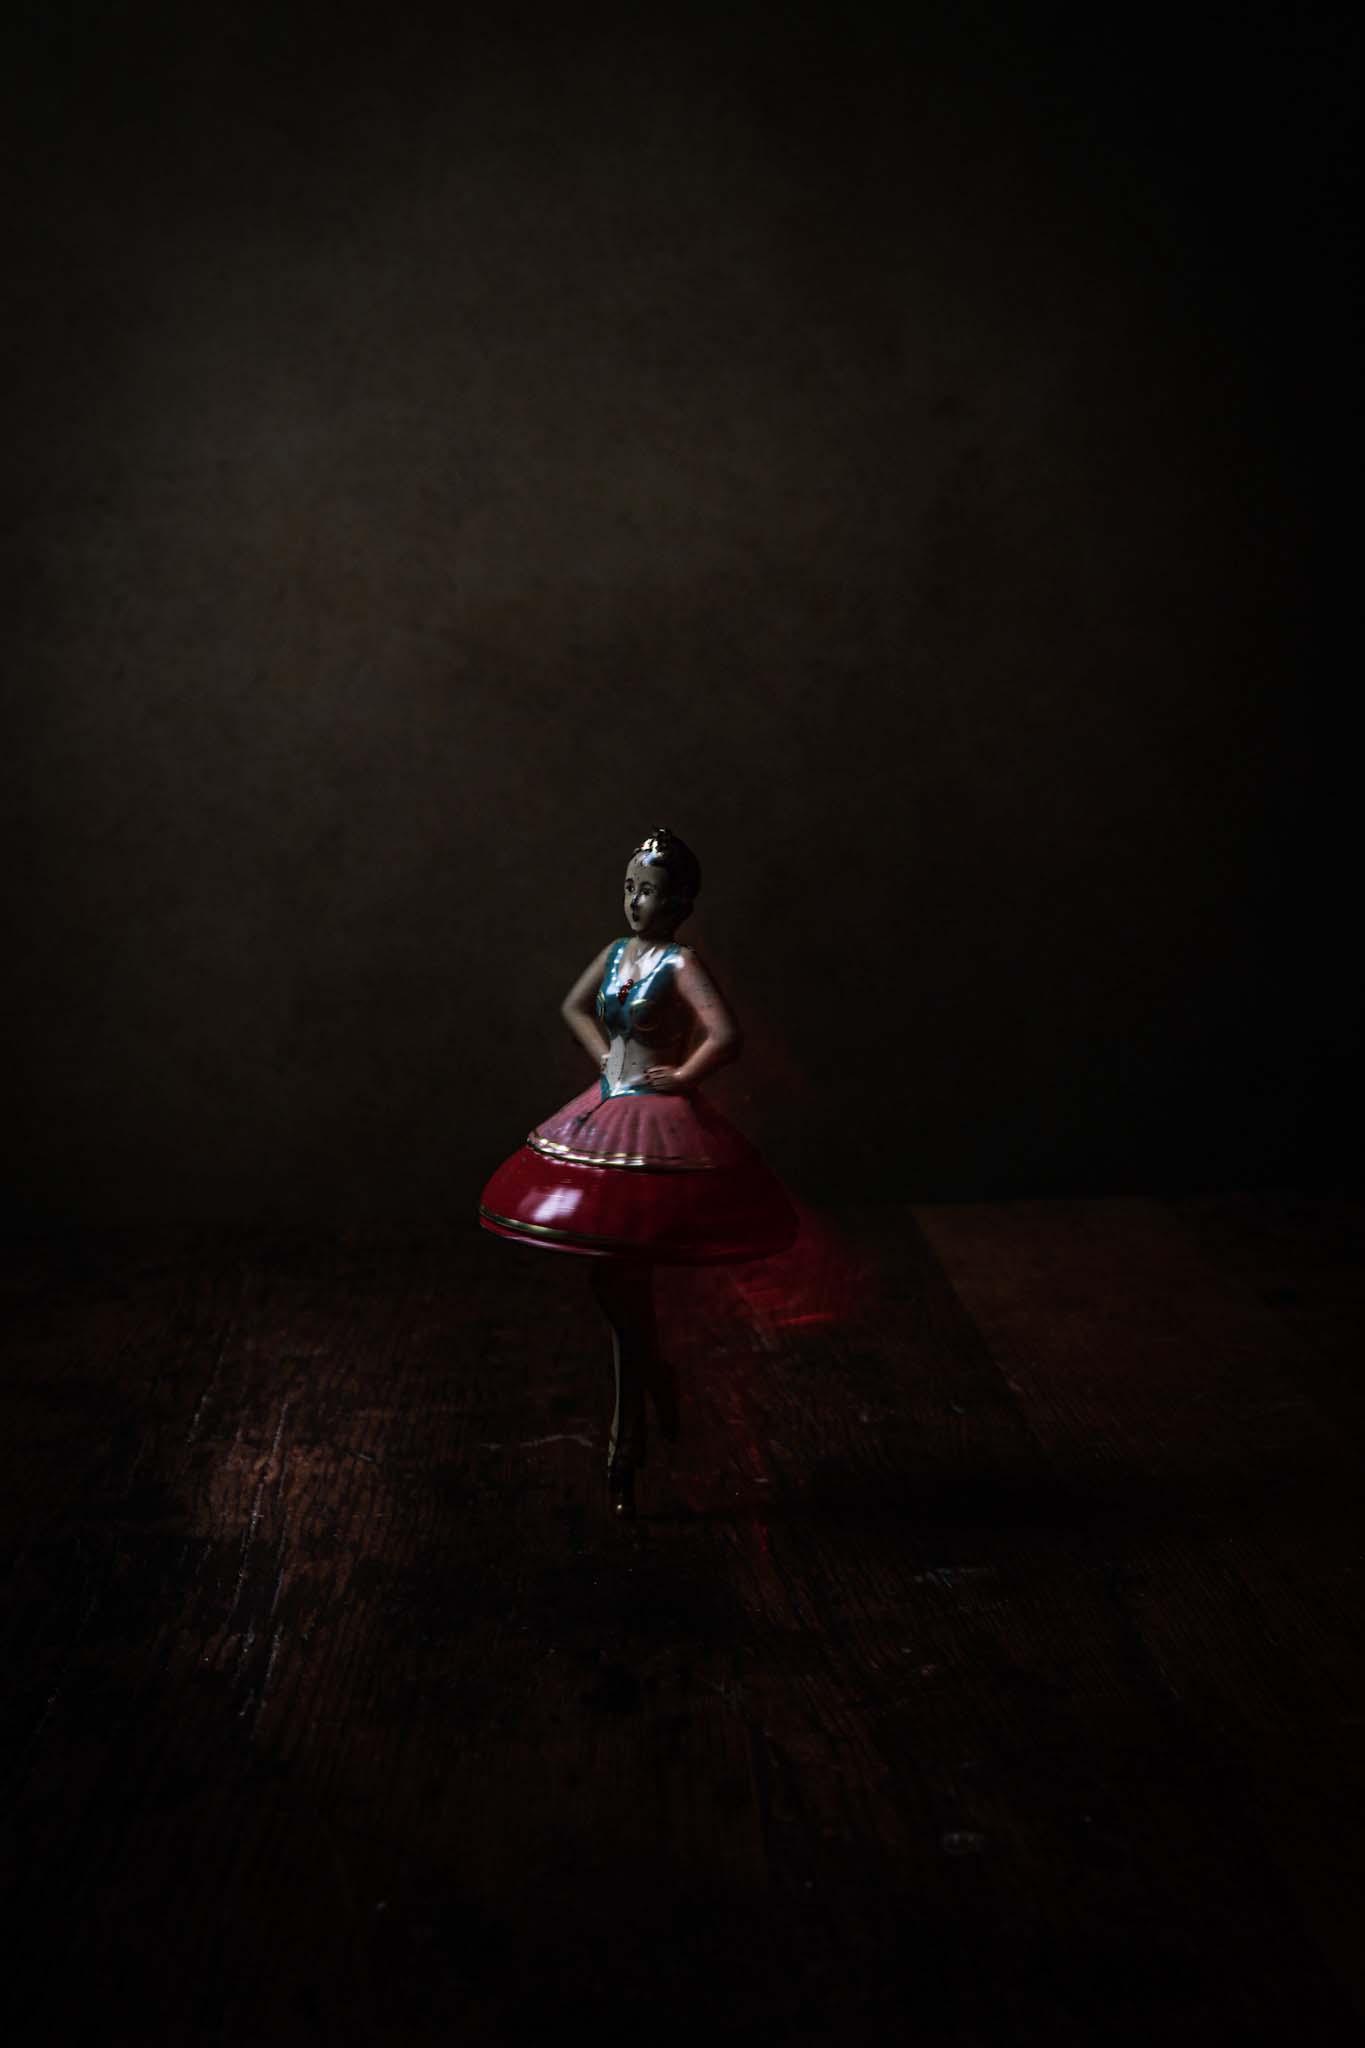 ballerina leksaksbild med mörk bakgrund